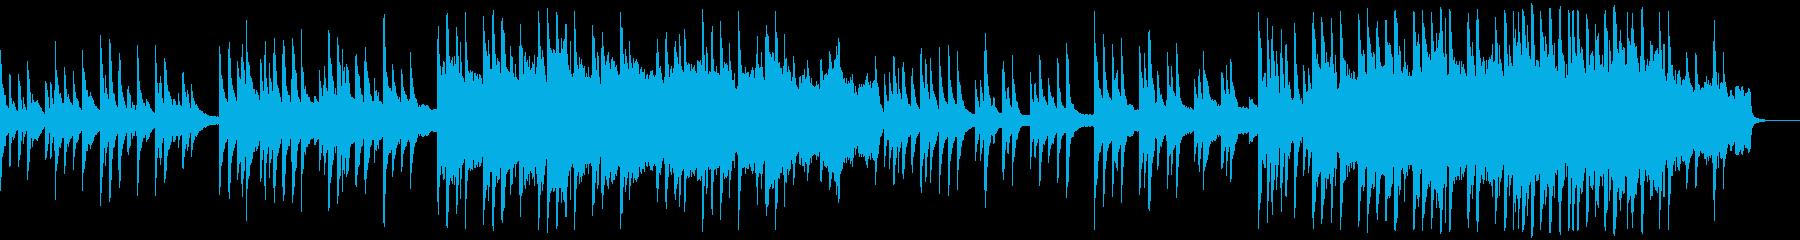 哀愁漂う旋律のドラマティックなピアノ曲の再生済みの波形